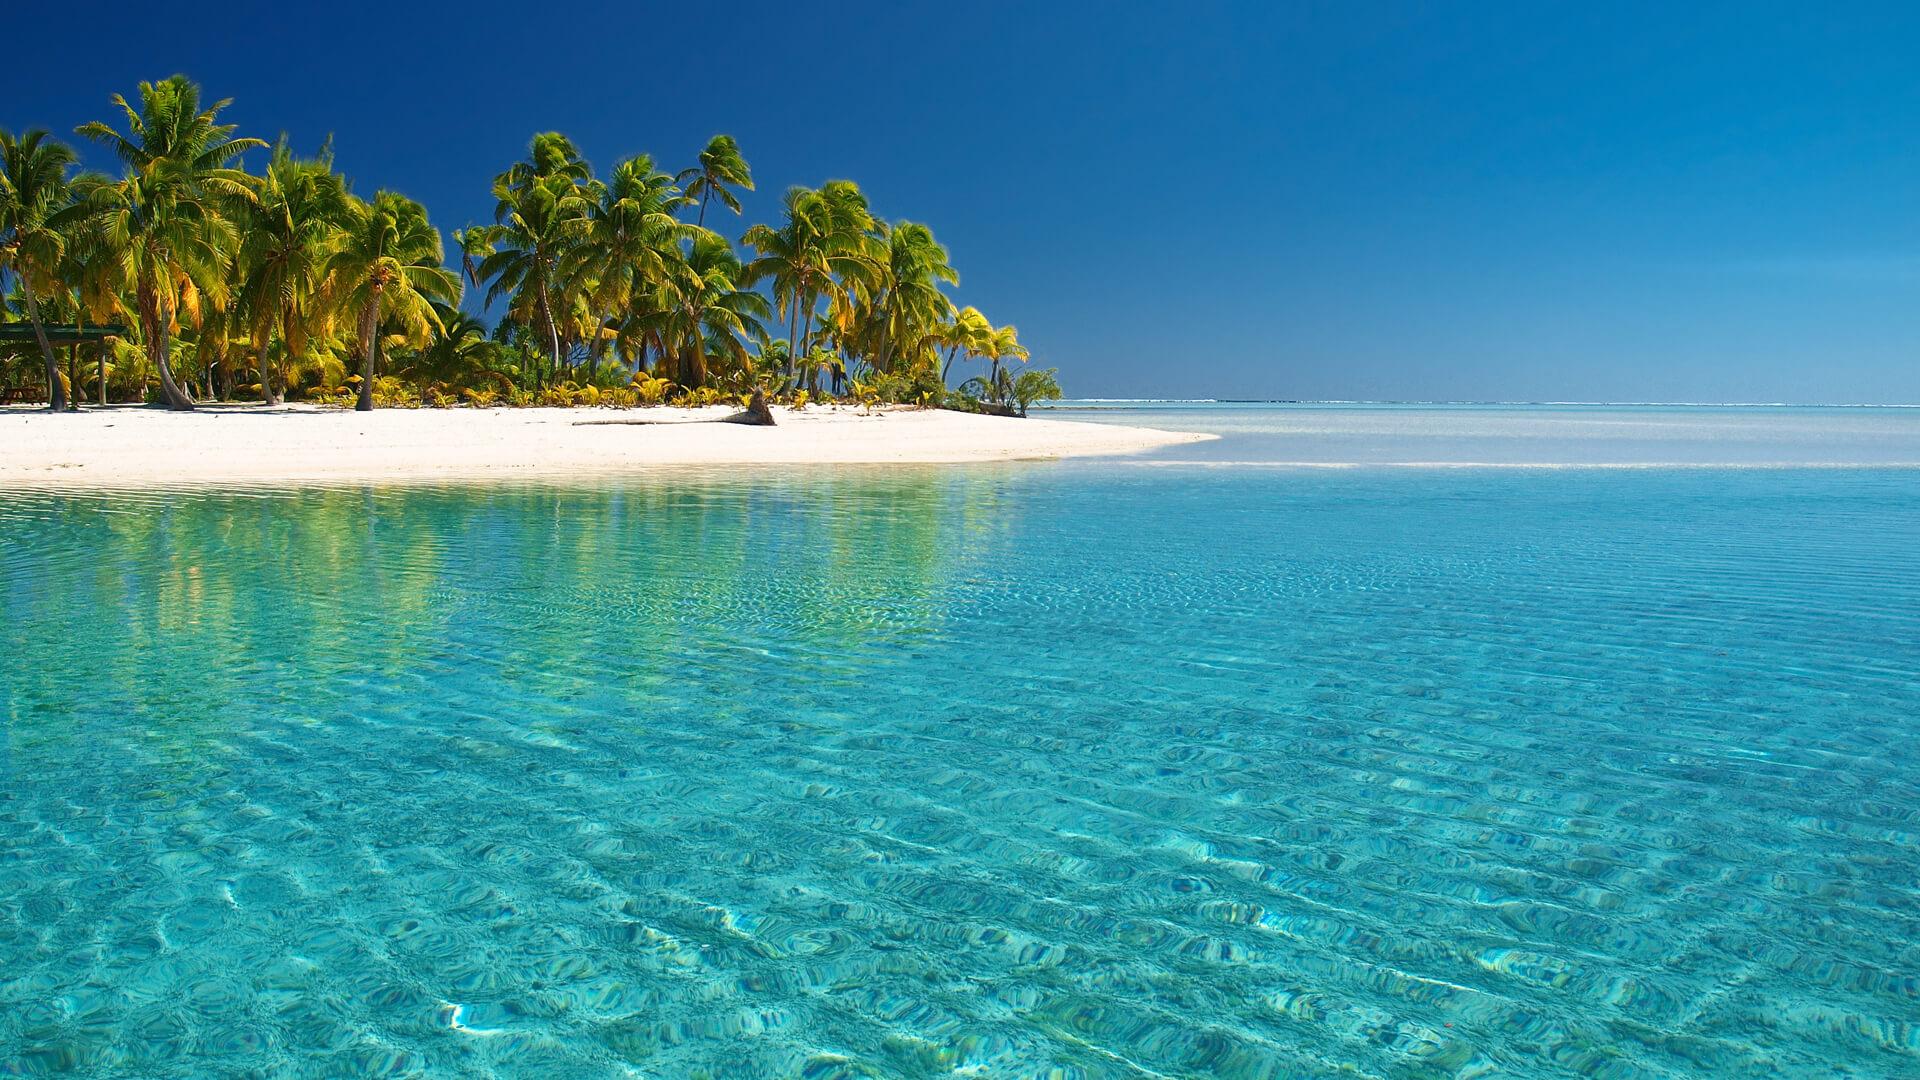 Красивые картинки пляжа для рабочего стола - подборка 7